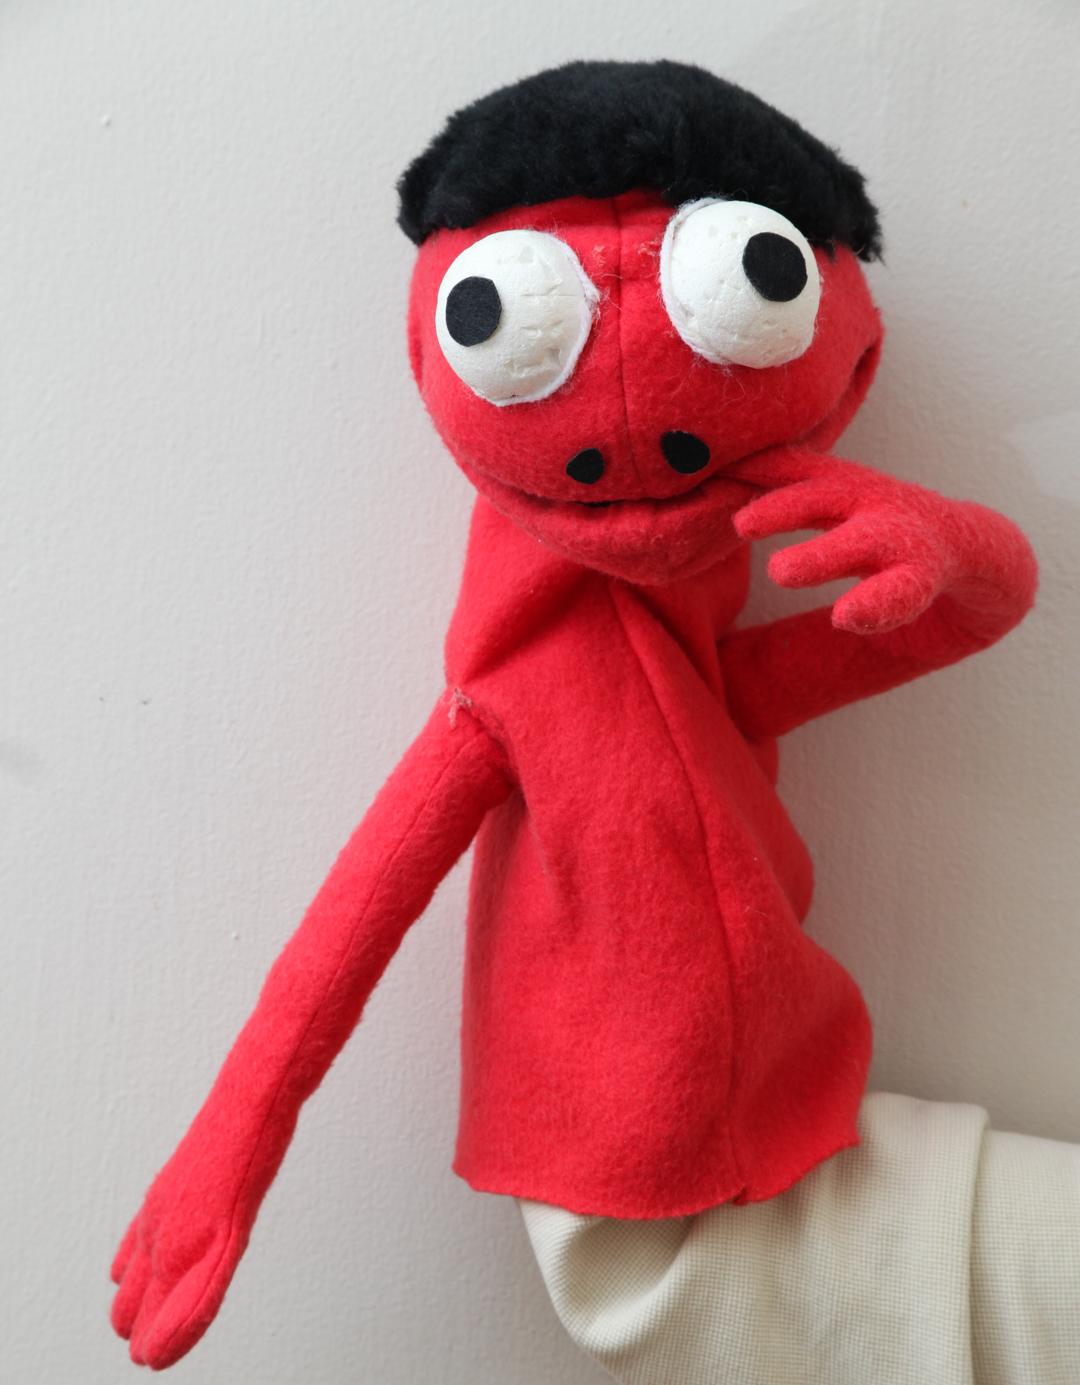 puppet like muppet